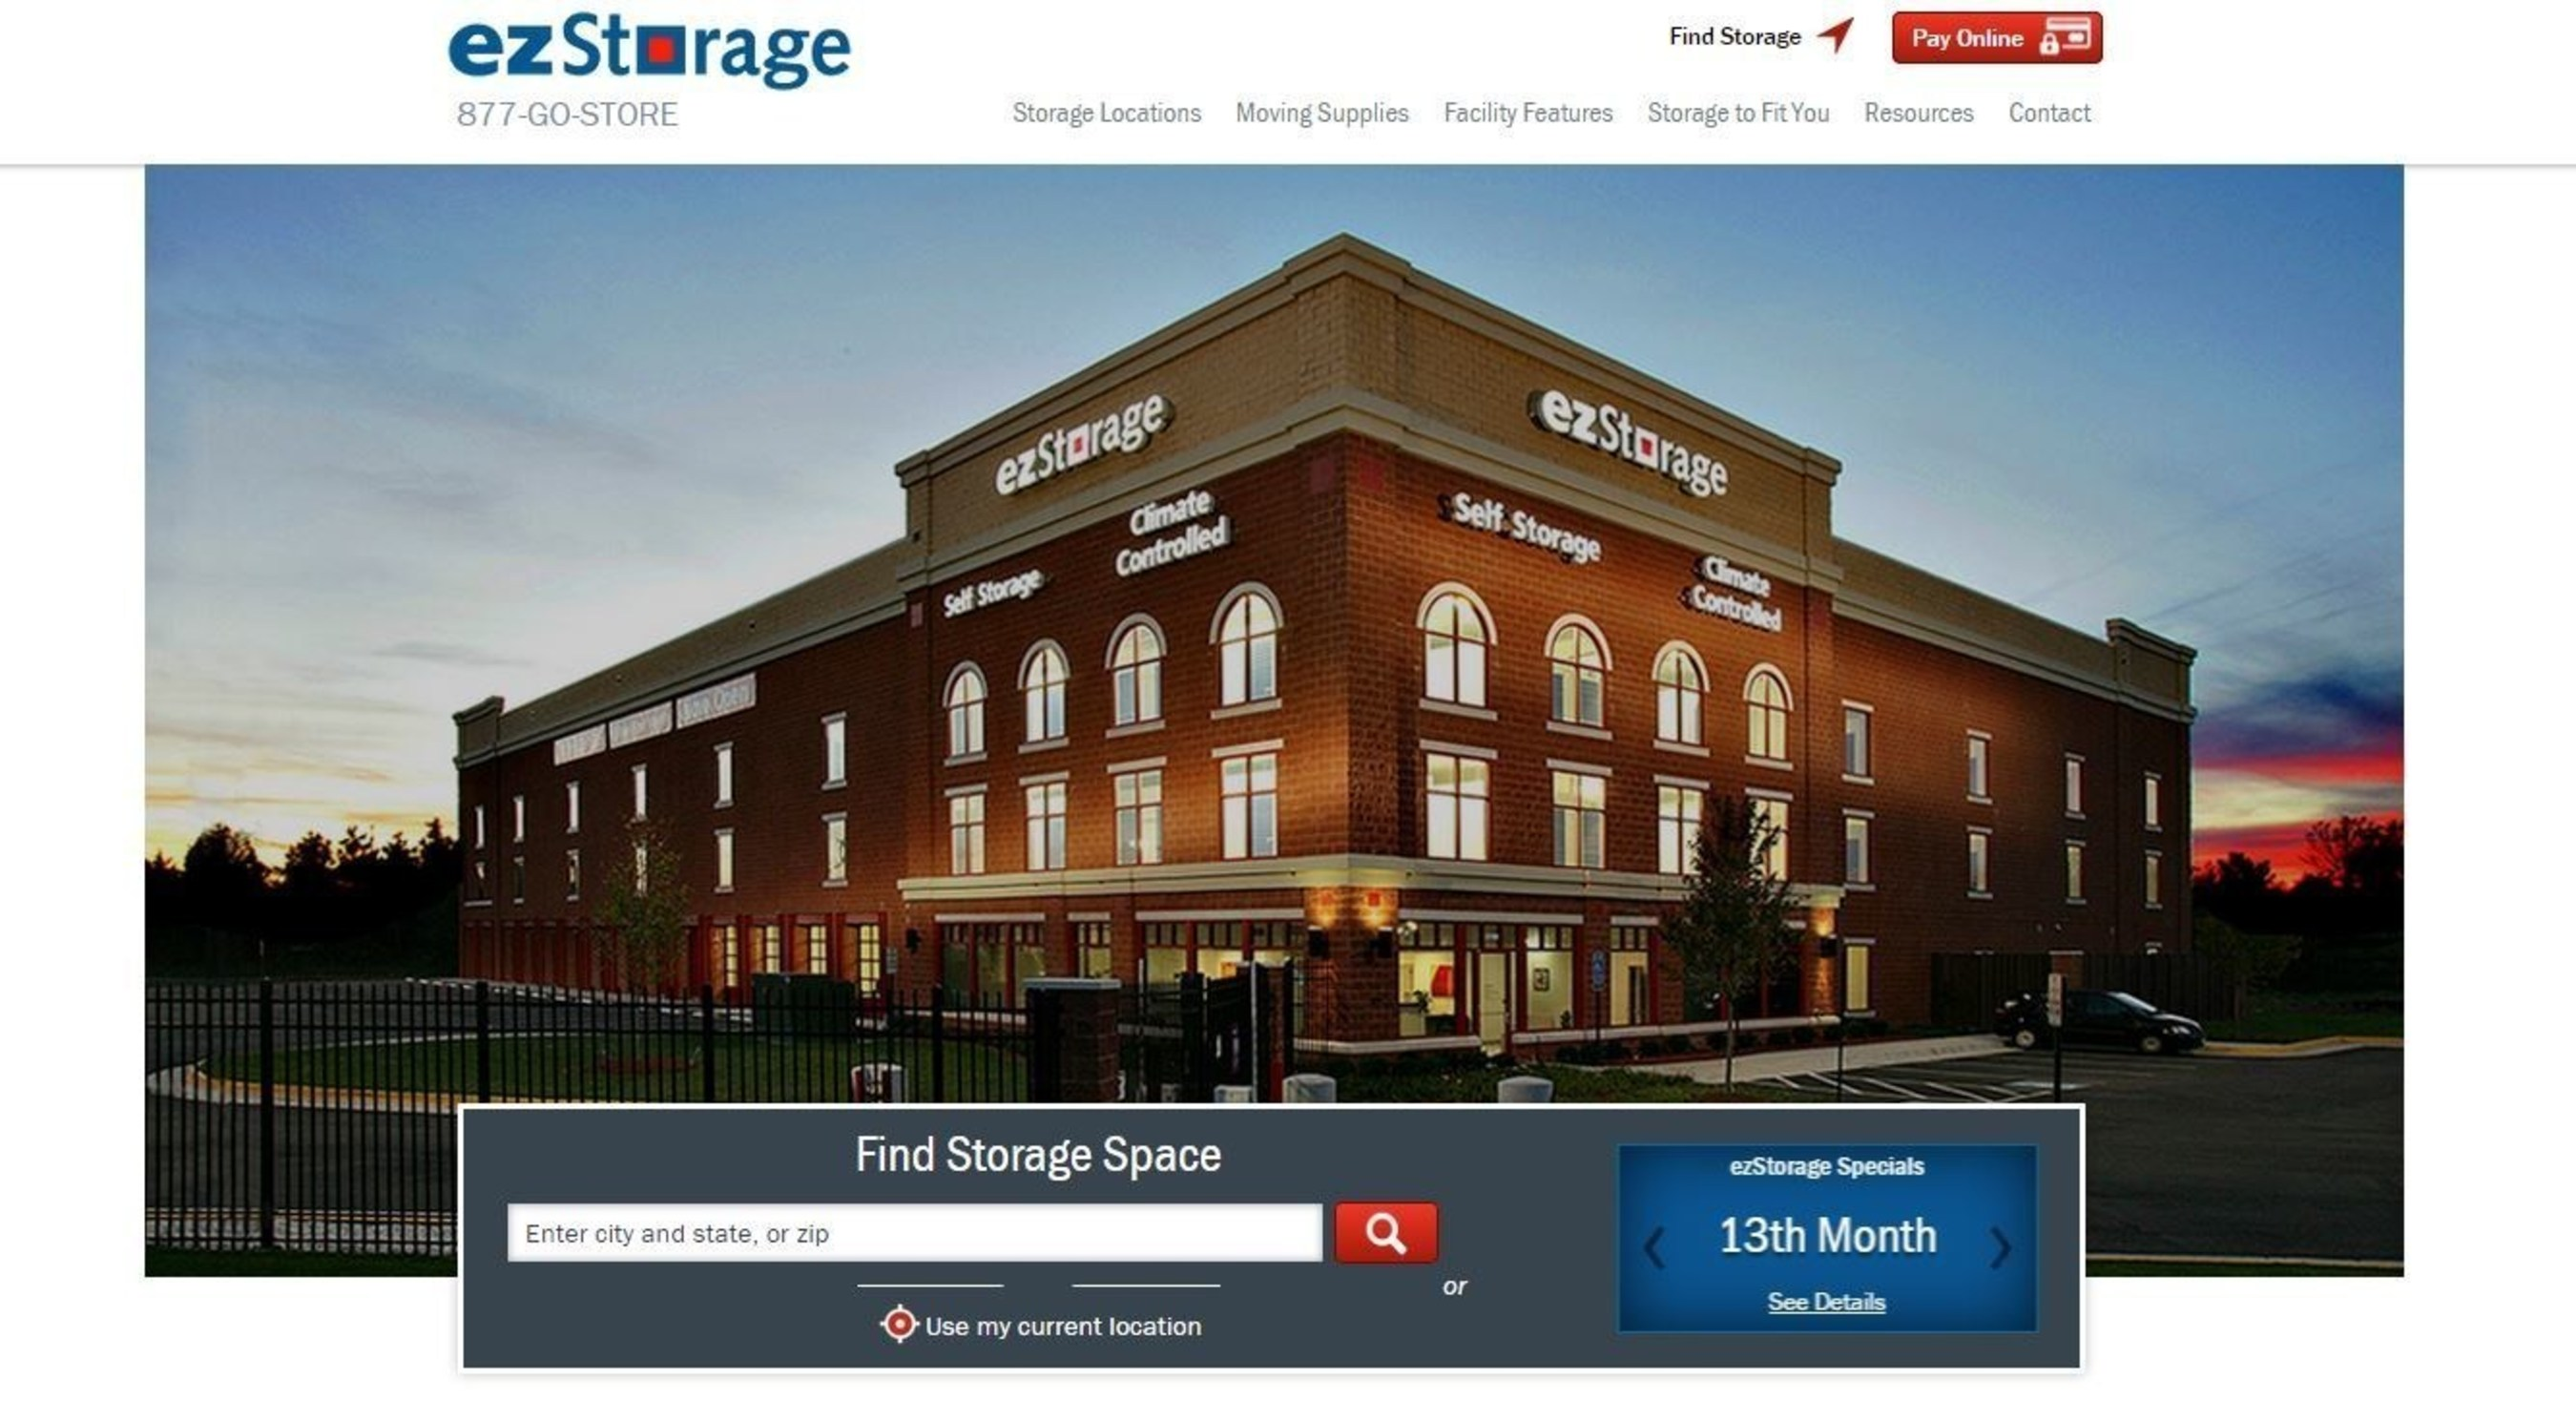 ezStorage Launches New Website